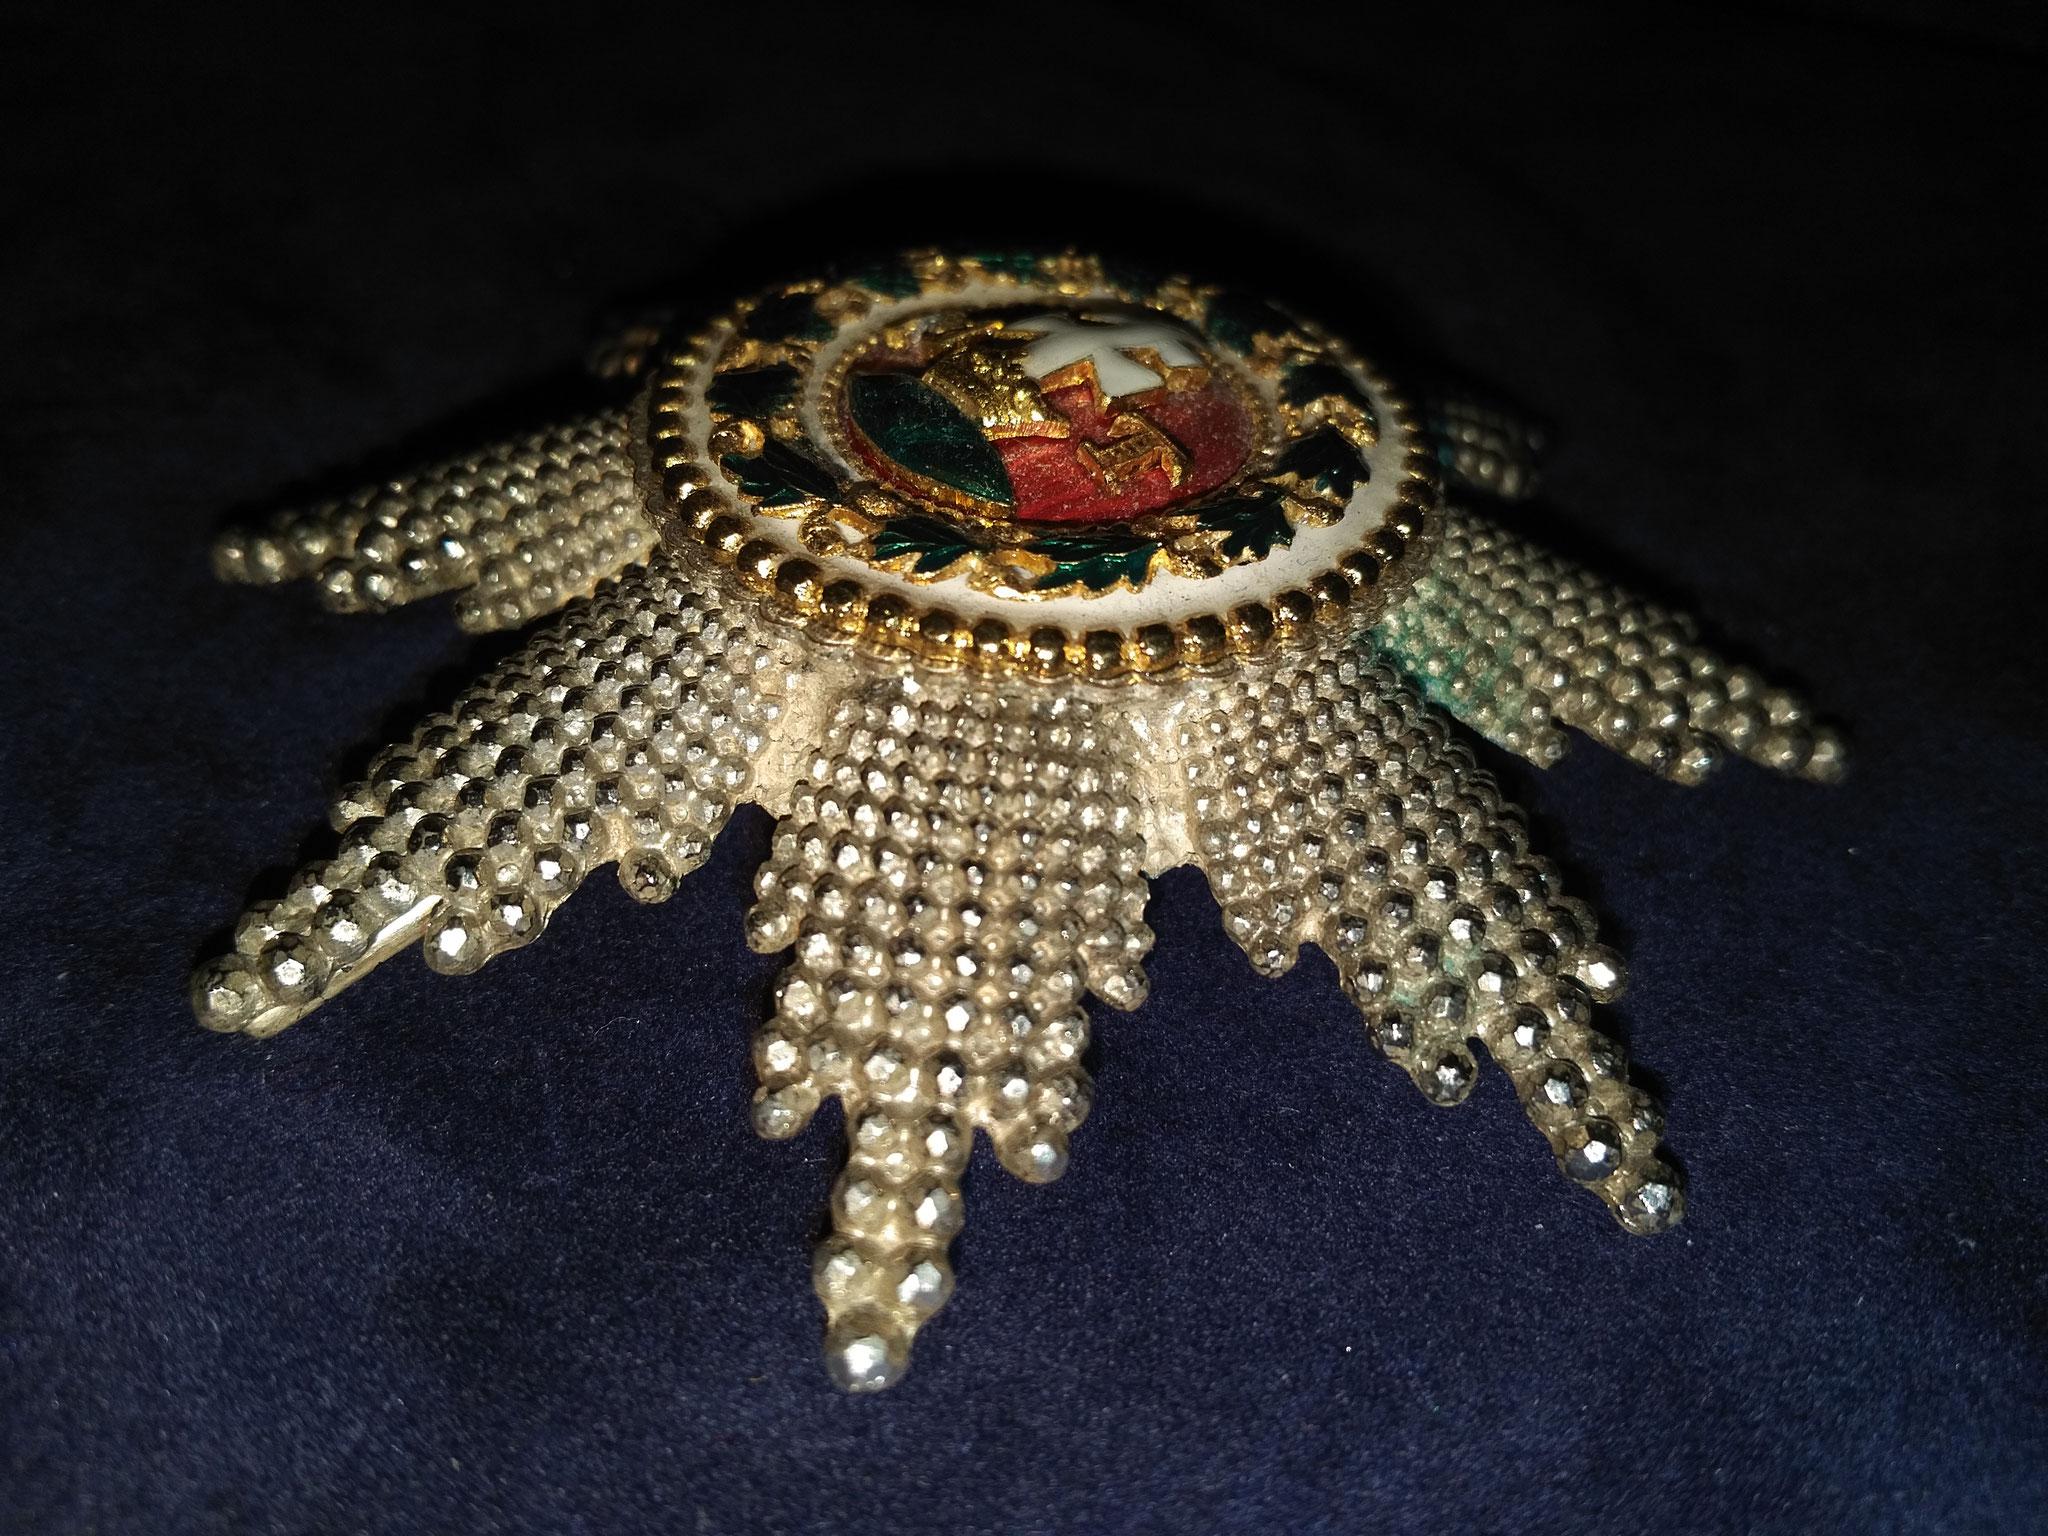 Anfertigung des St. Stephansorden in Juweliersqualität